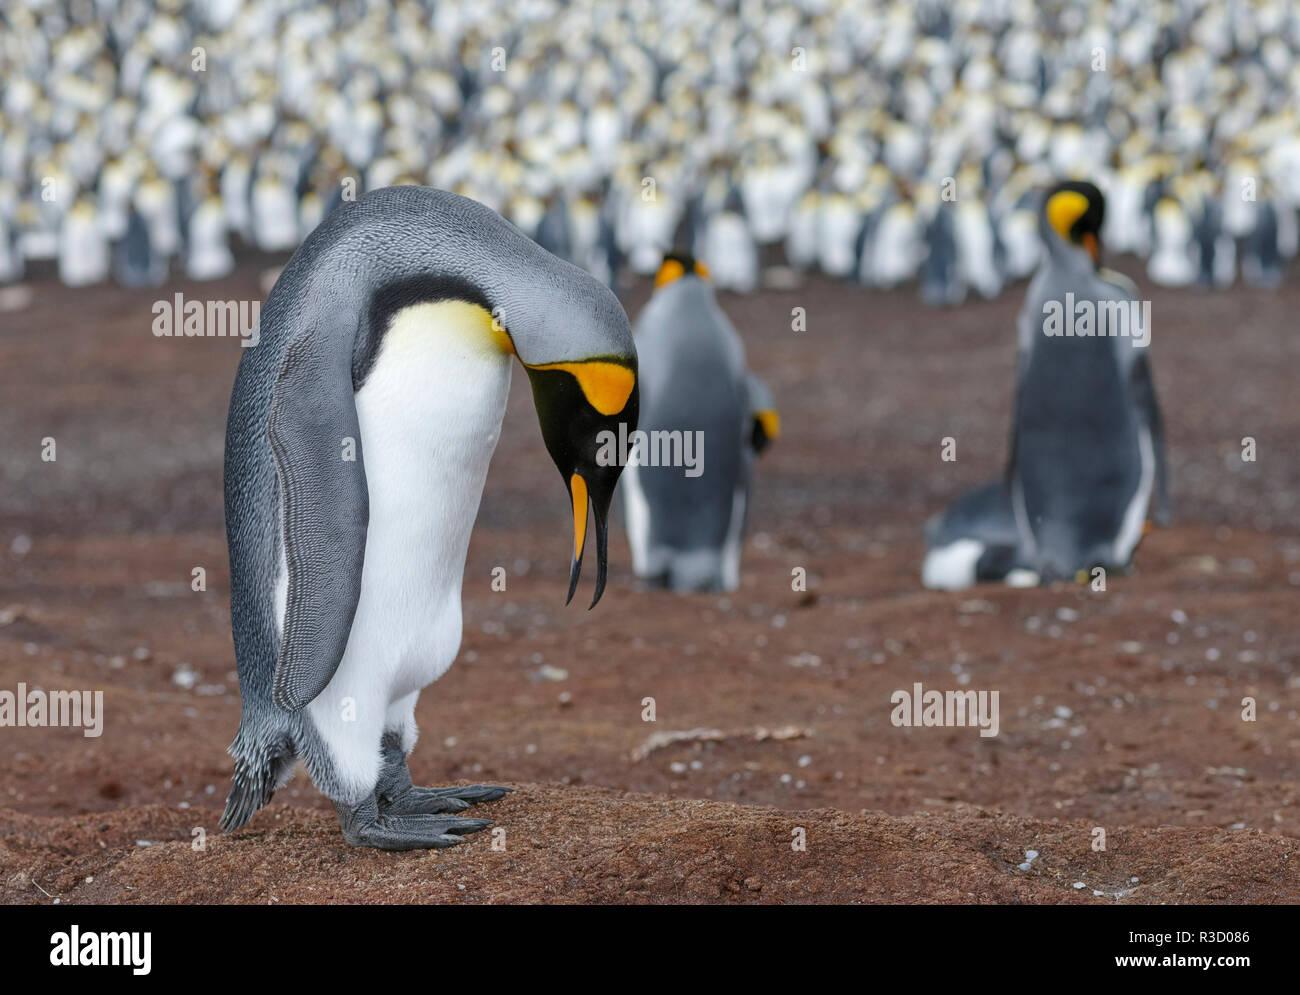 Manchot royal (Aptenodytes patagonicus) sur les îles Malouines dans l'Atlantique Sud. Parade nuptiale. Photo Stock